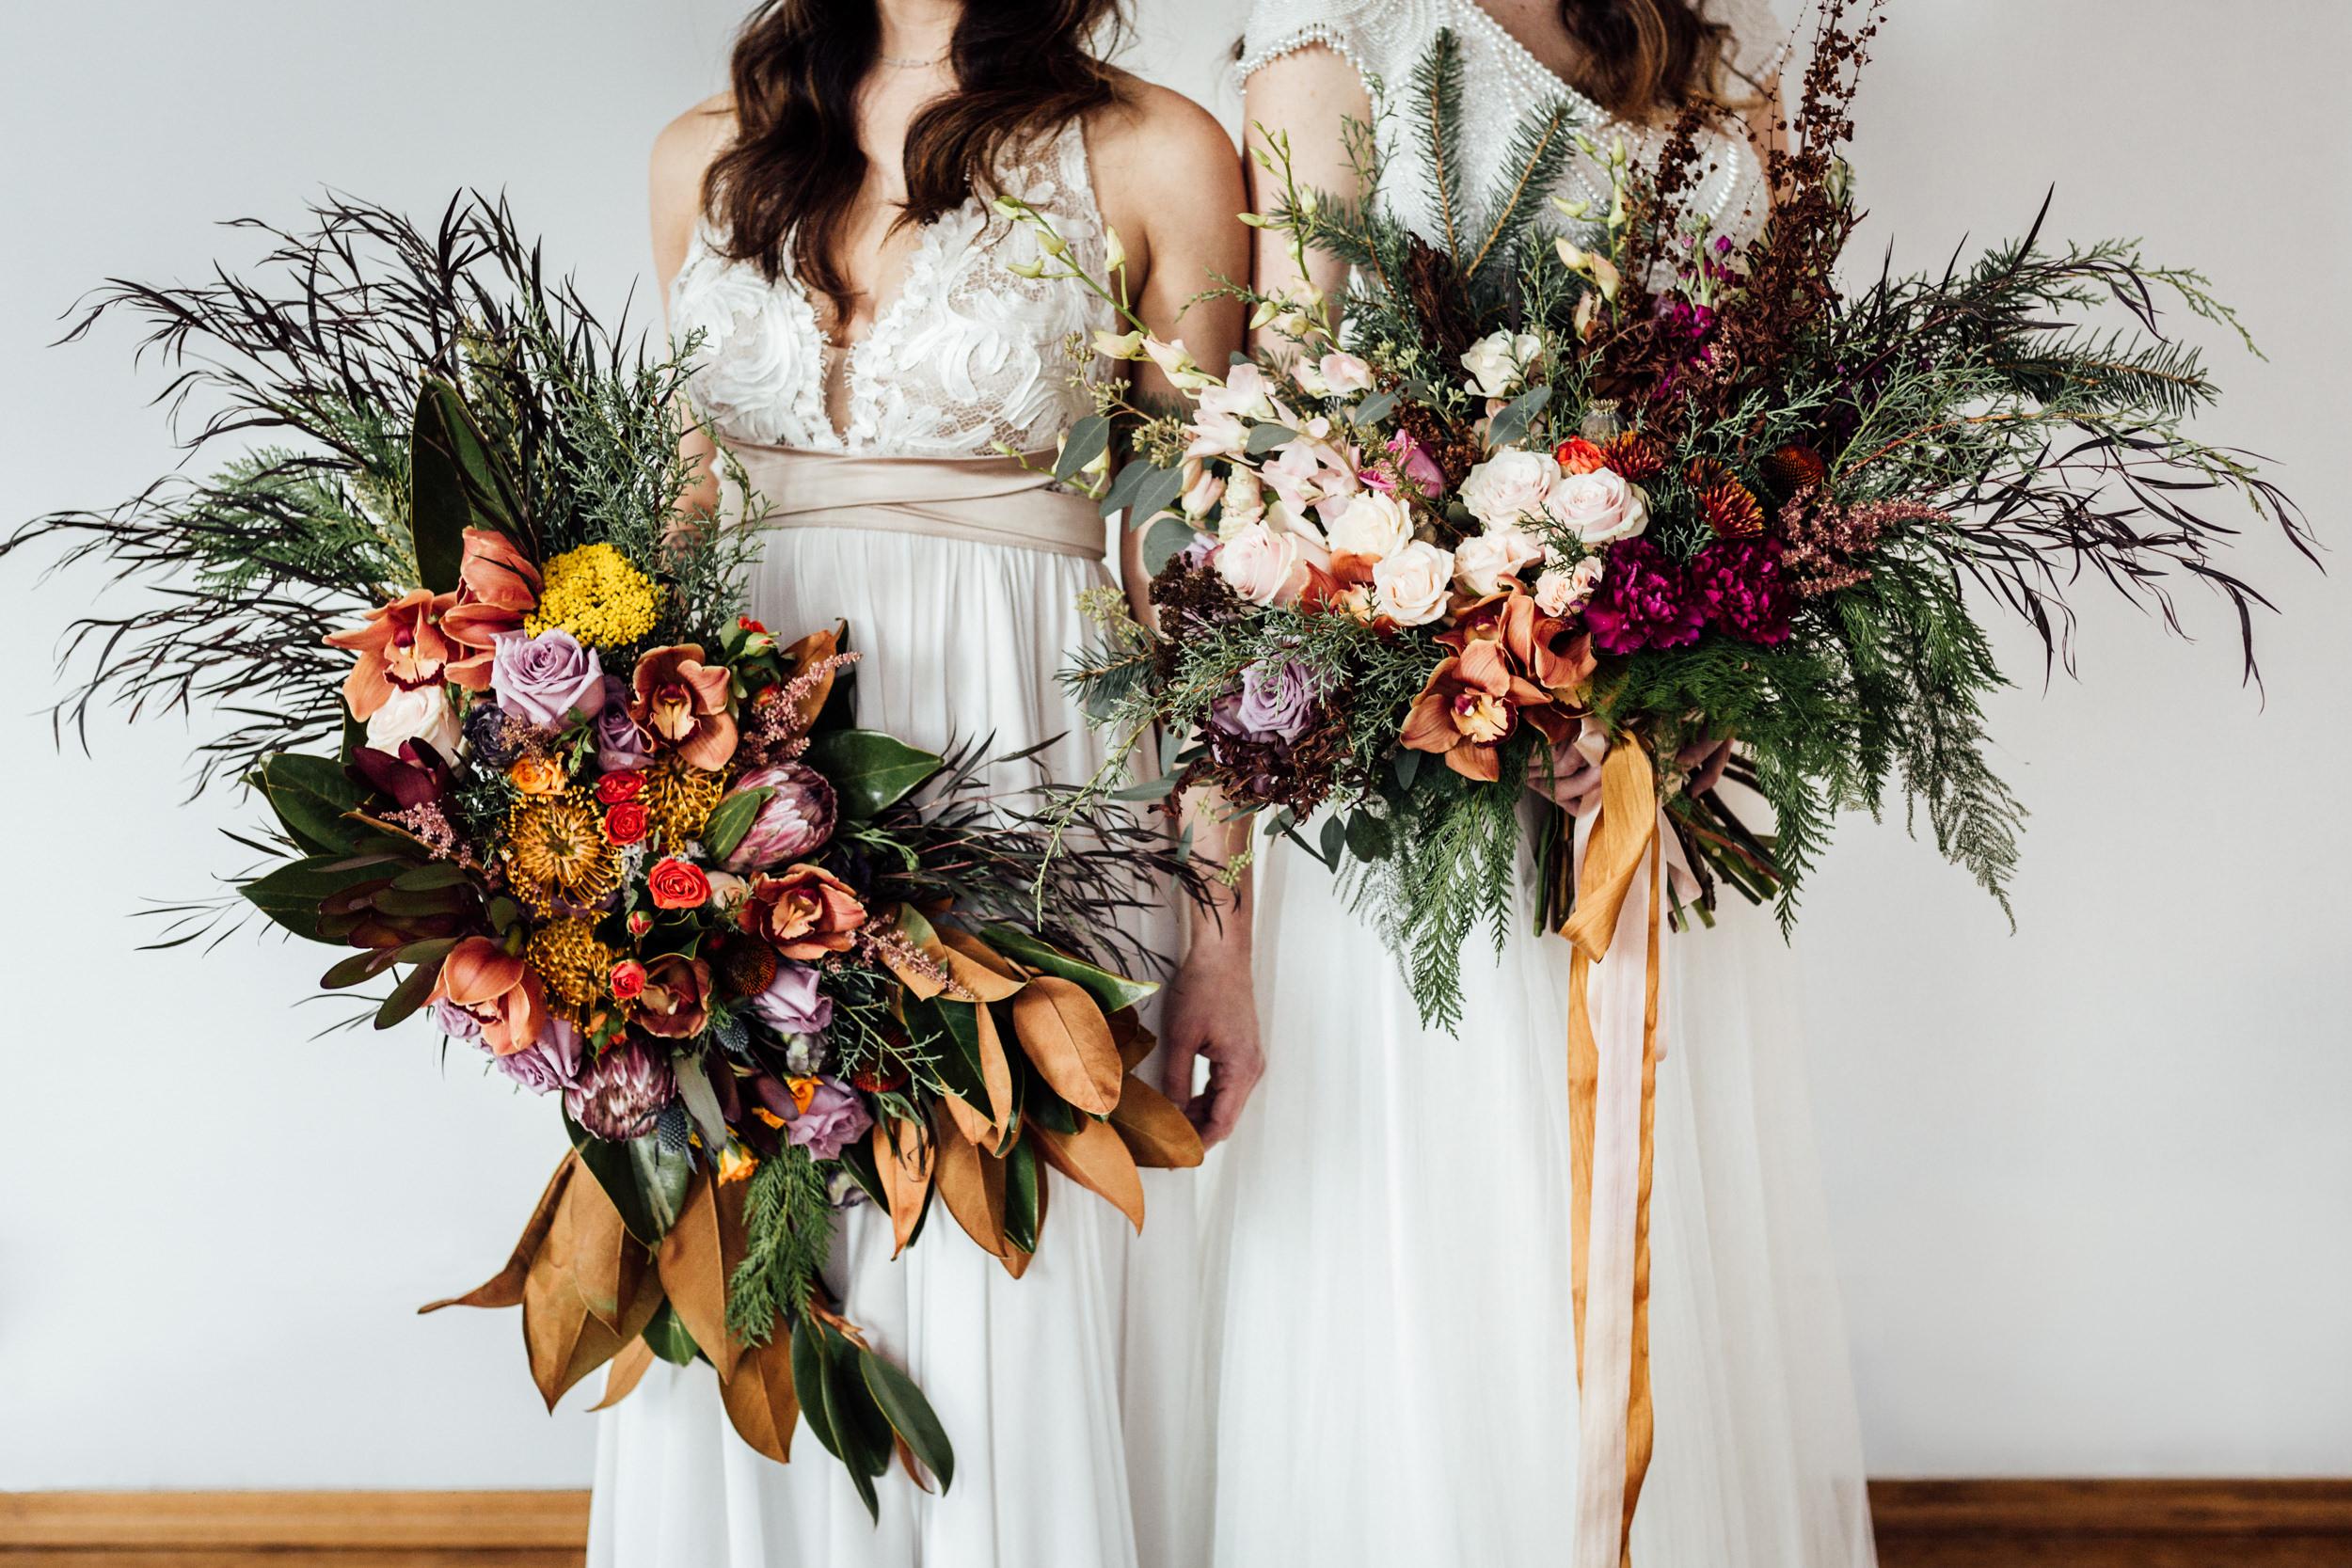 bouquet-inspiration.jpg